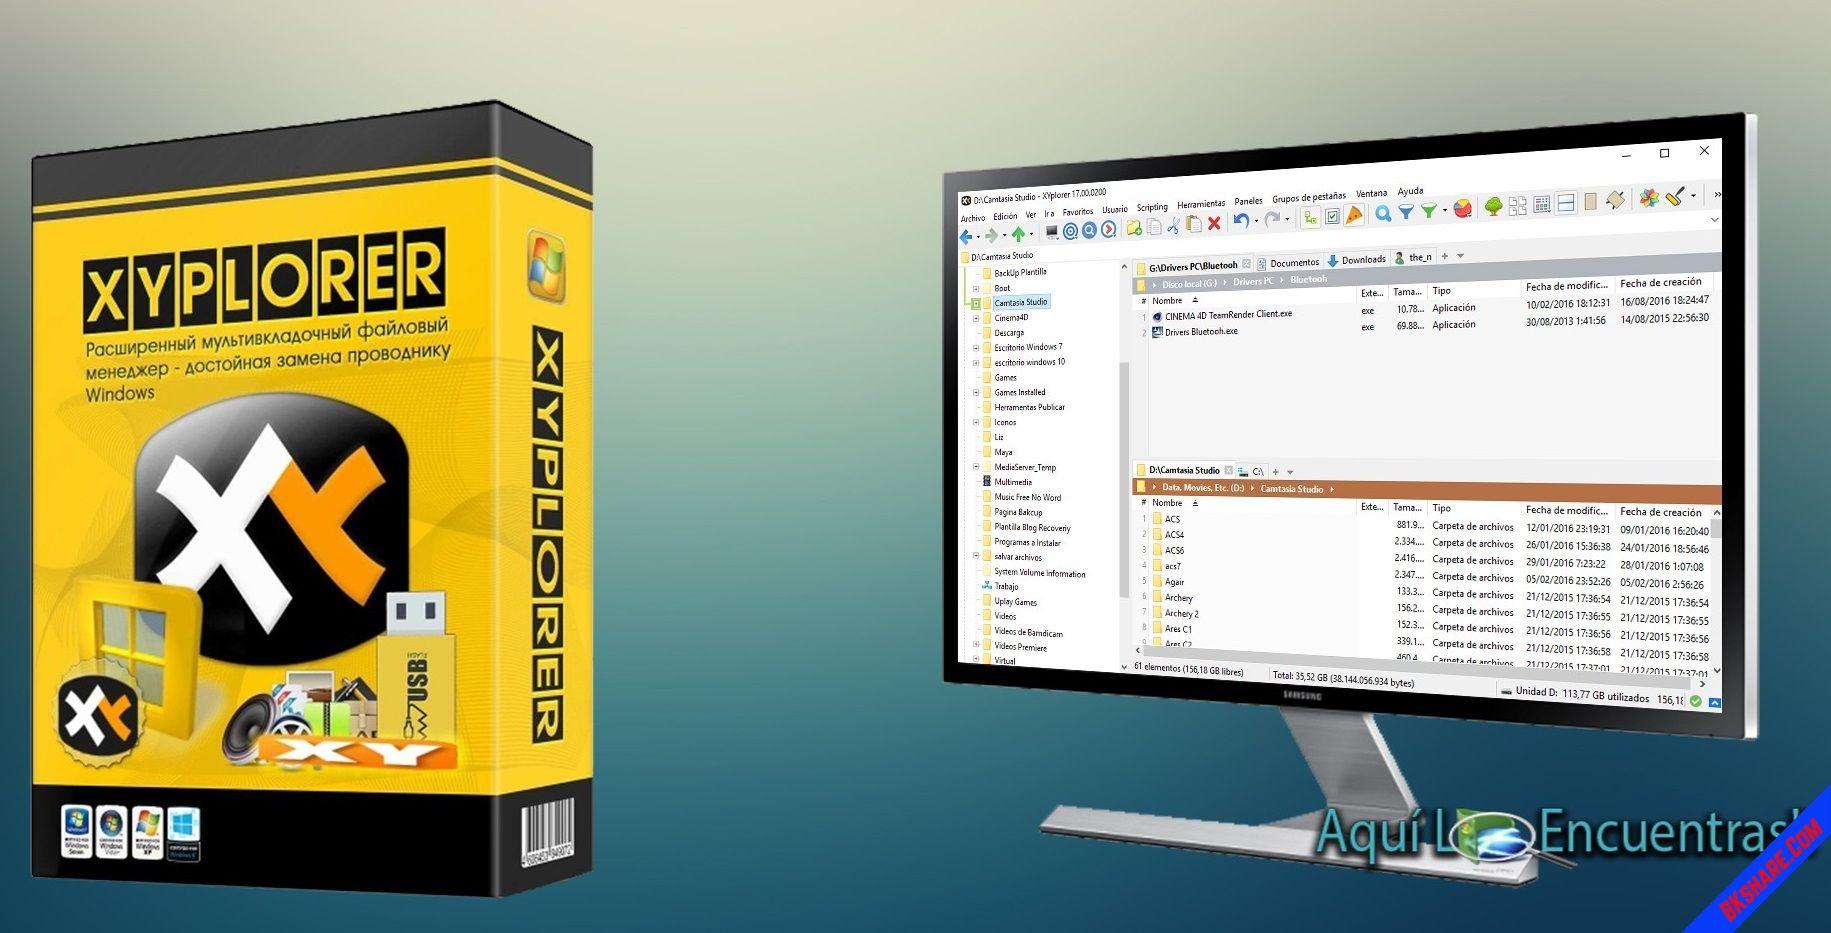 XYplorer Pro 17.30 Full Key + Portable - Trình quản lý file đa năng